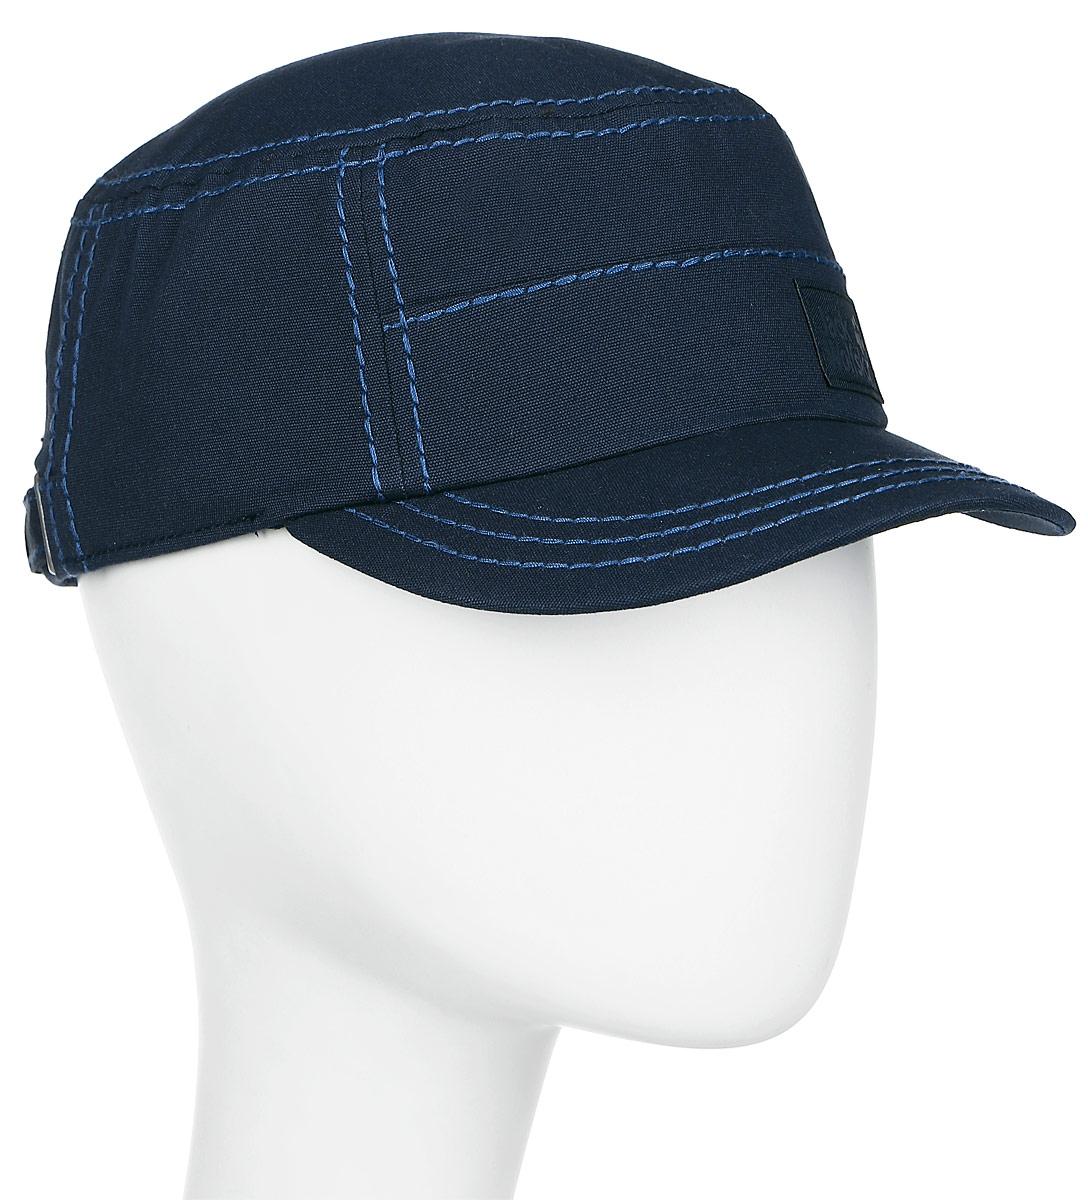 Кепка Jack Wolfskin Bahia Oc Cap, цвет: темно-синий. 1904242-1010. Размер L (57/60) adidas кепка cap nets